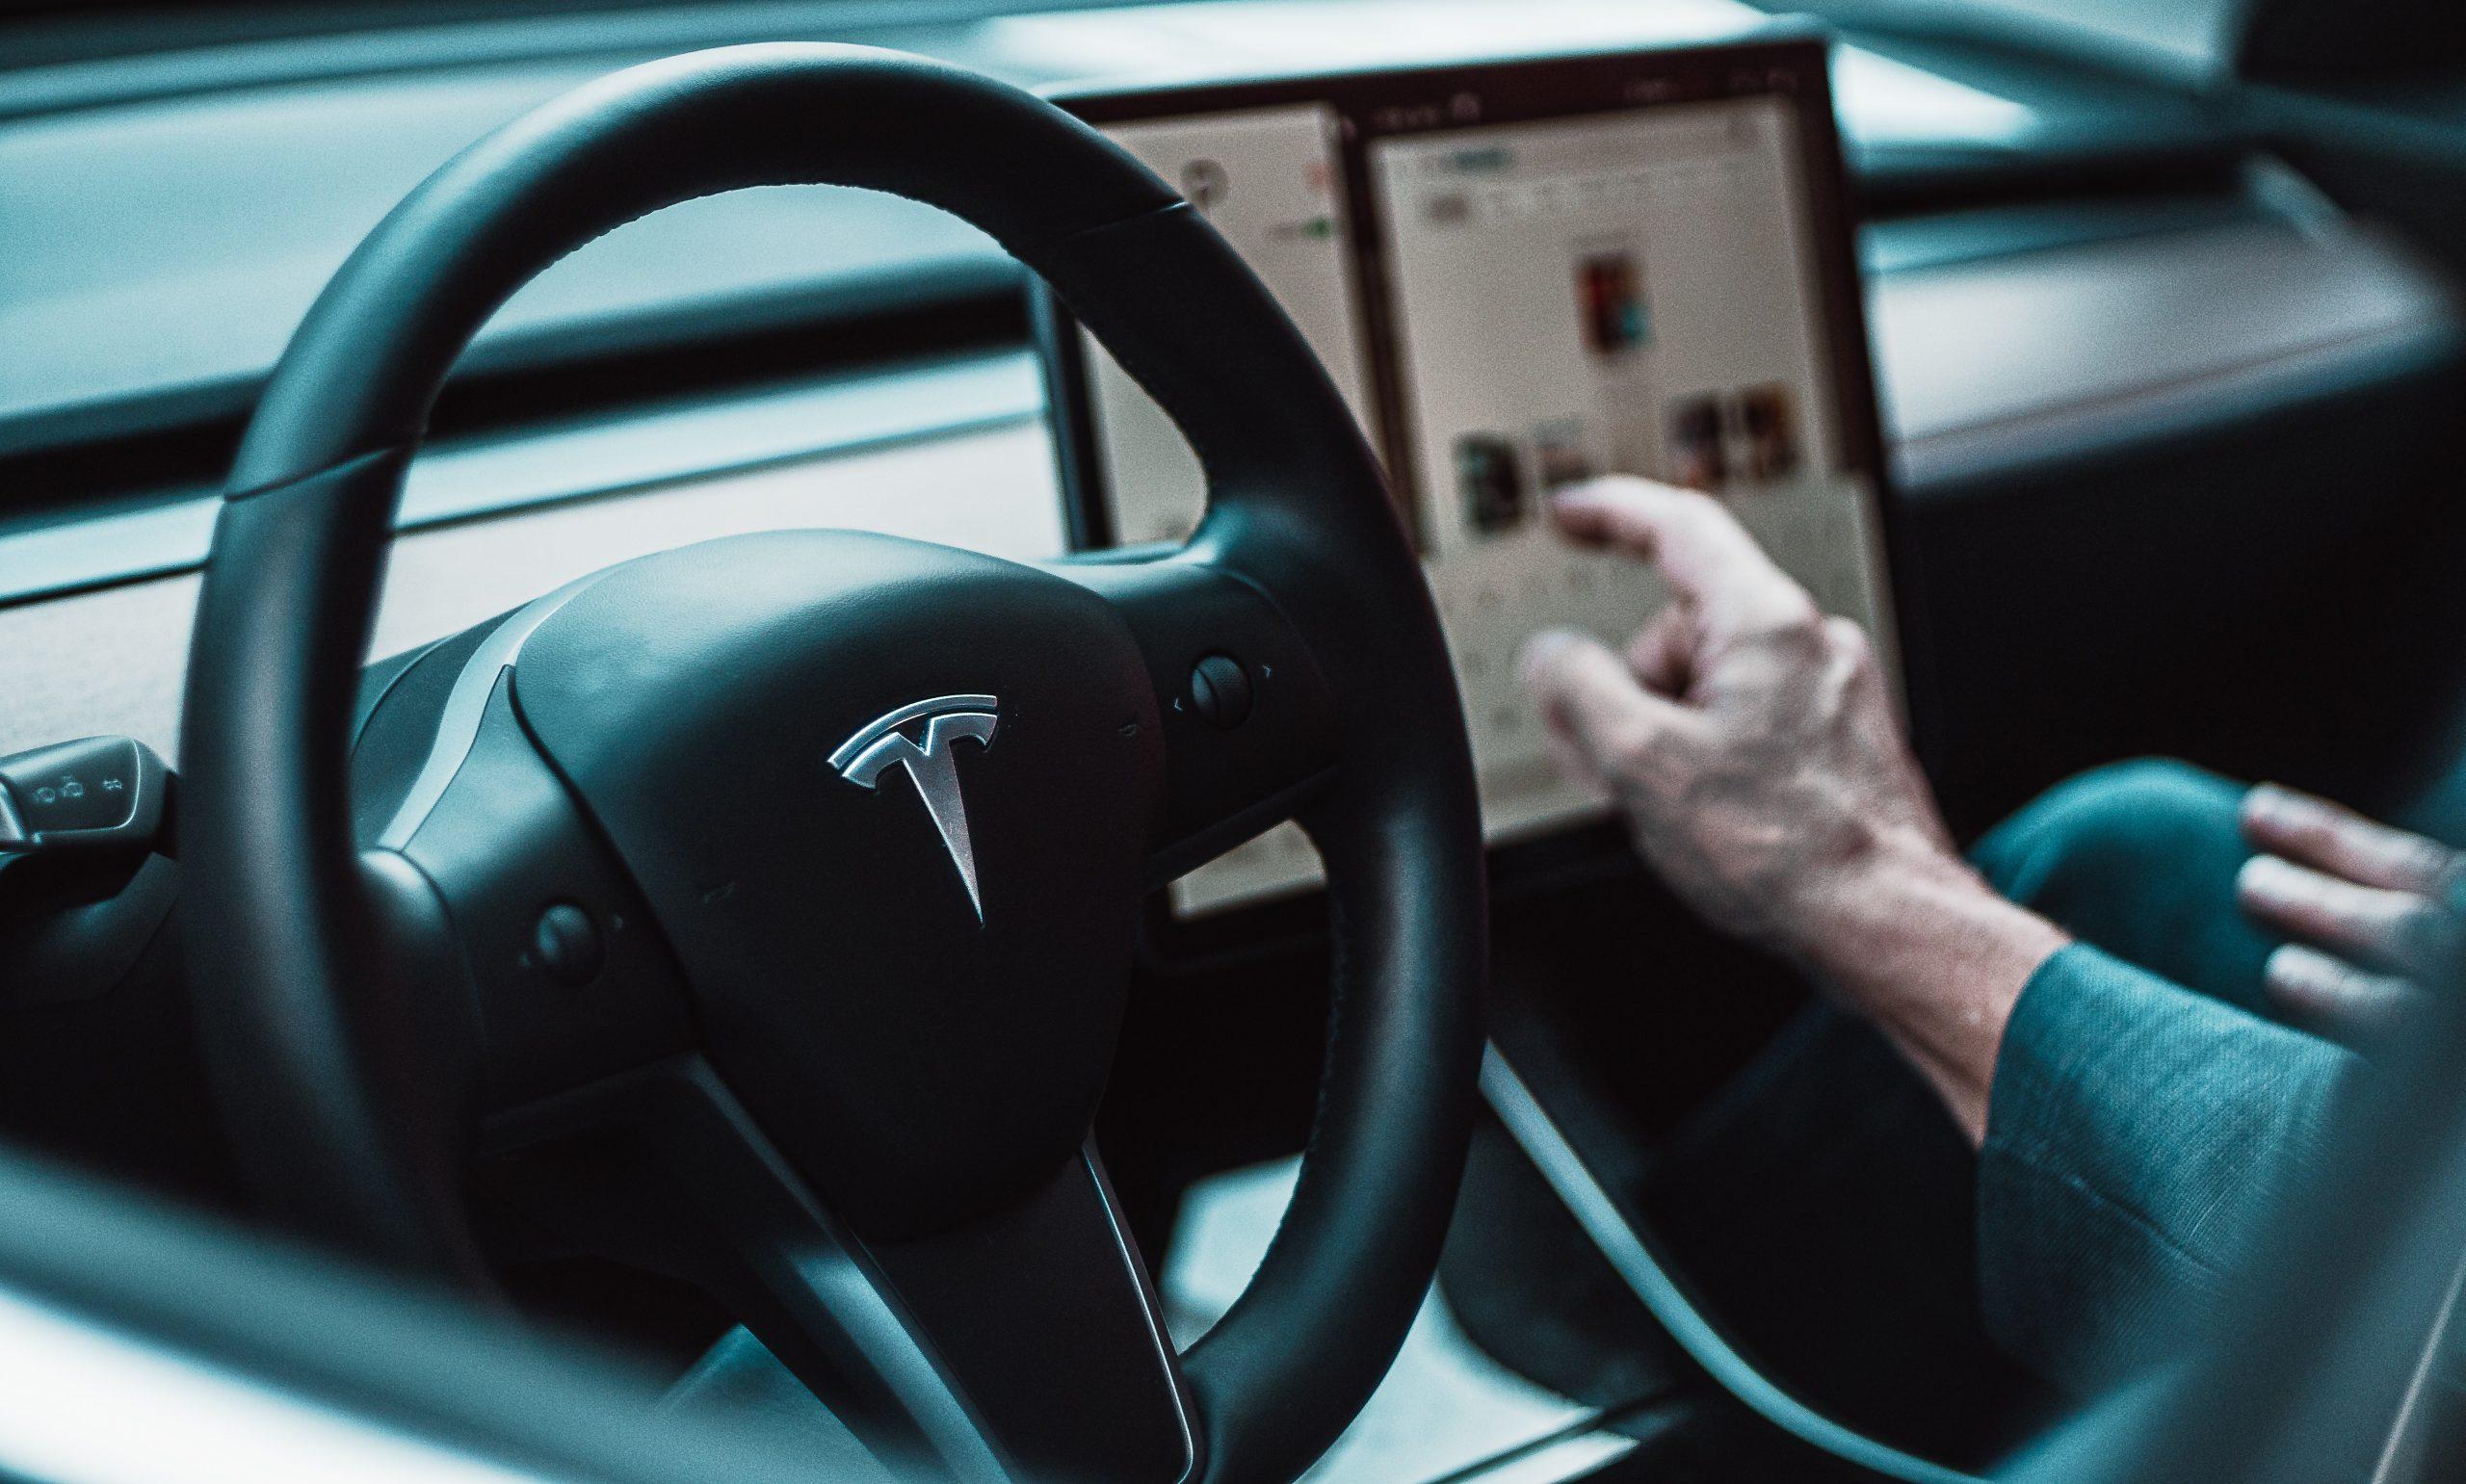 Advantages and Disadvantages of Autonomous Cars